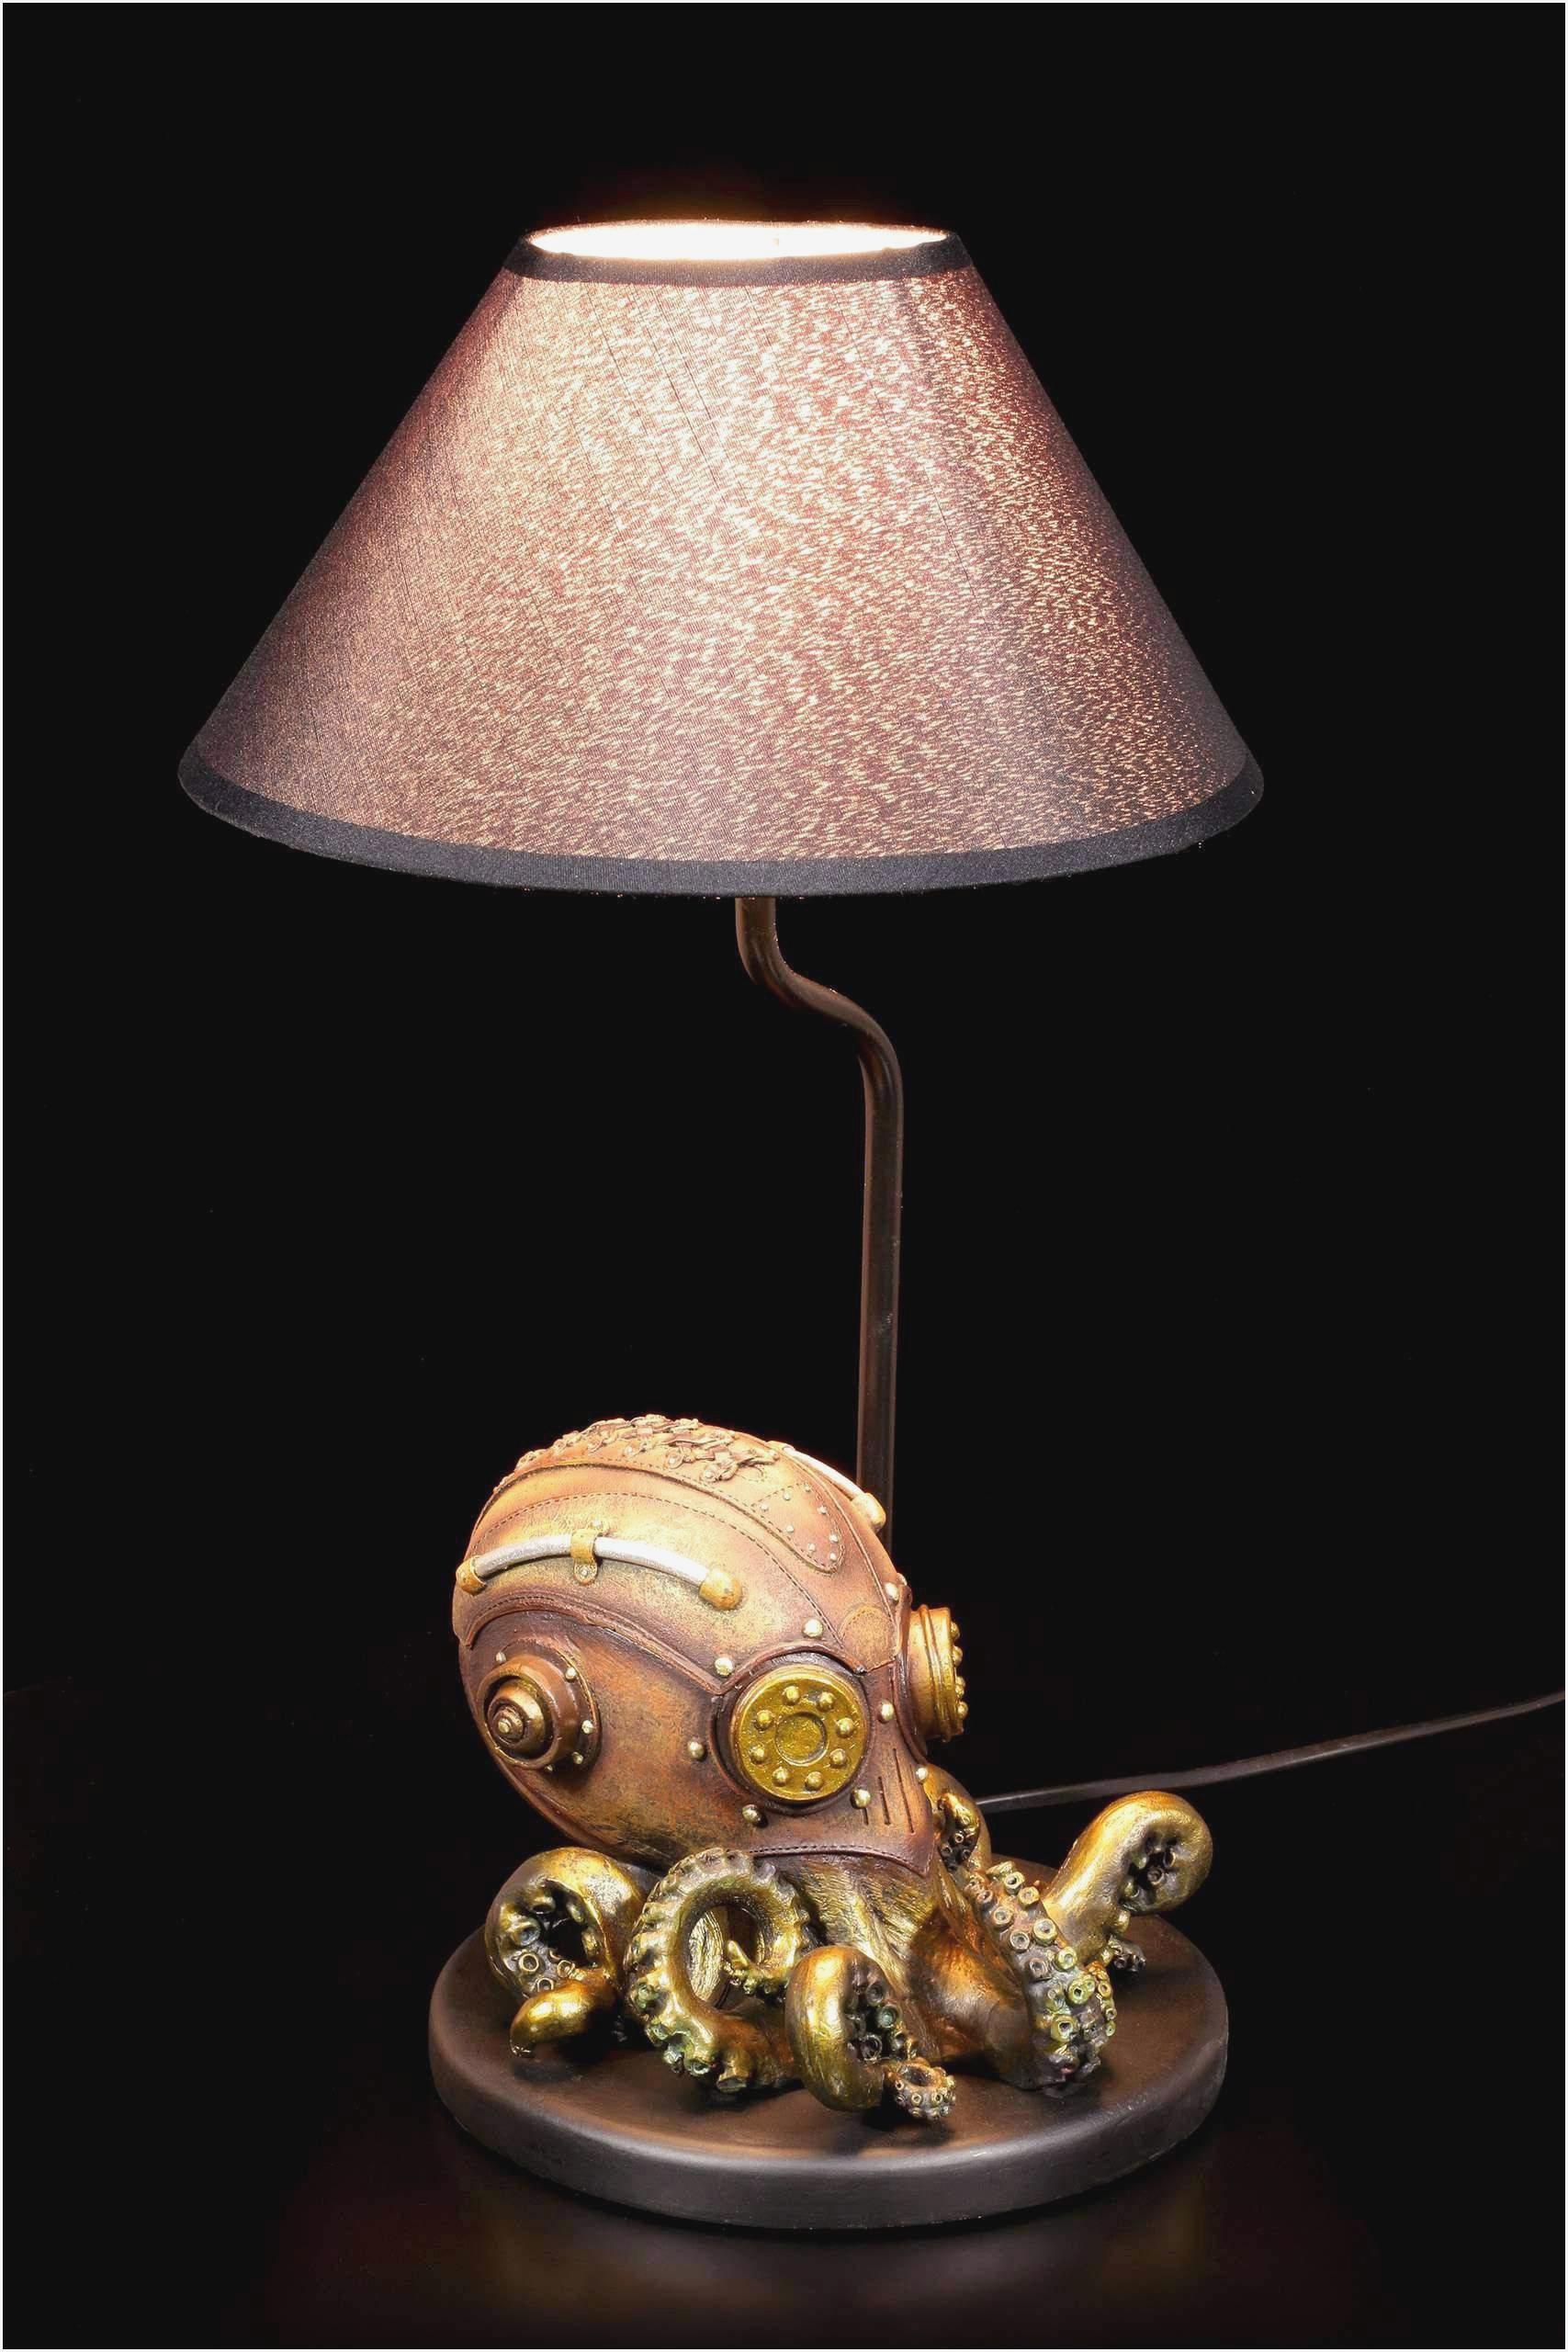 Full Size of Wohnzimmerlampen Ikea Led Wohnzimmer Lampen Gold Traumhaus Dekoration Sofa Mit Schlaffunktion Betten Bei Modulküche 160x200 Miniküche Küche Kaufen Kosten Wohnzimmer Wohnzimmerlampen Ikea